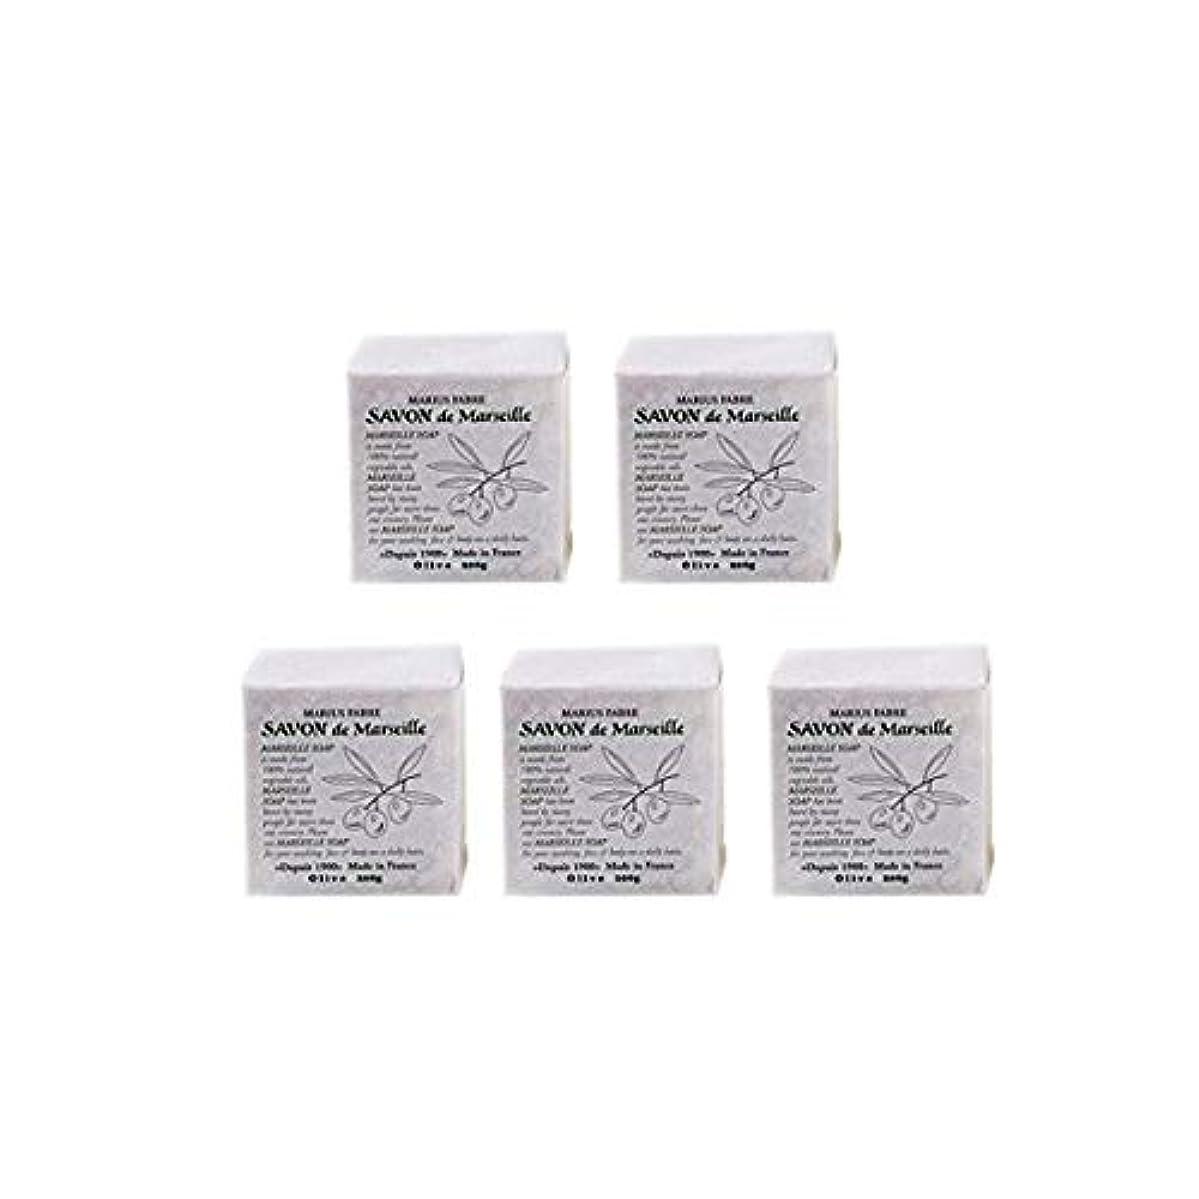 ブラザー活力プロットマリウスファーブルサボンドマルセイユ無香料オリーブN(無香料)5個セット(200g×5個)マリウスファーブルのマルセイユ石鹸 無香料